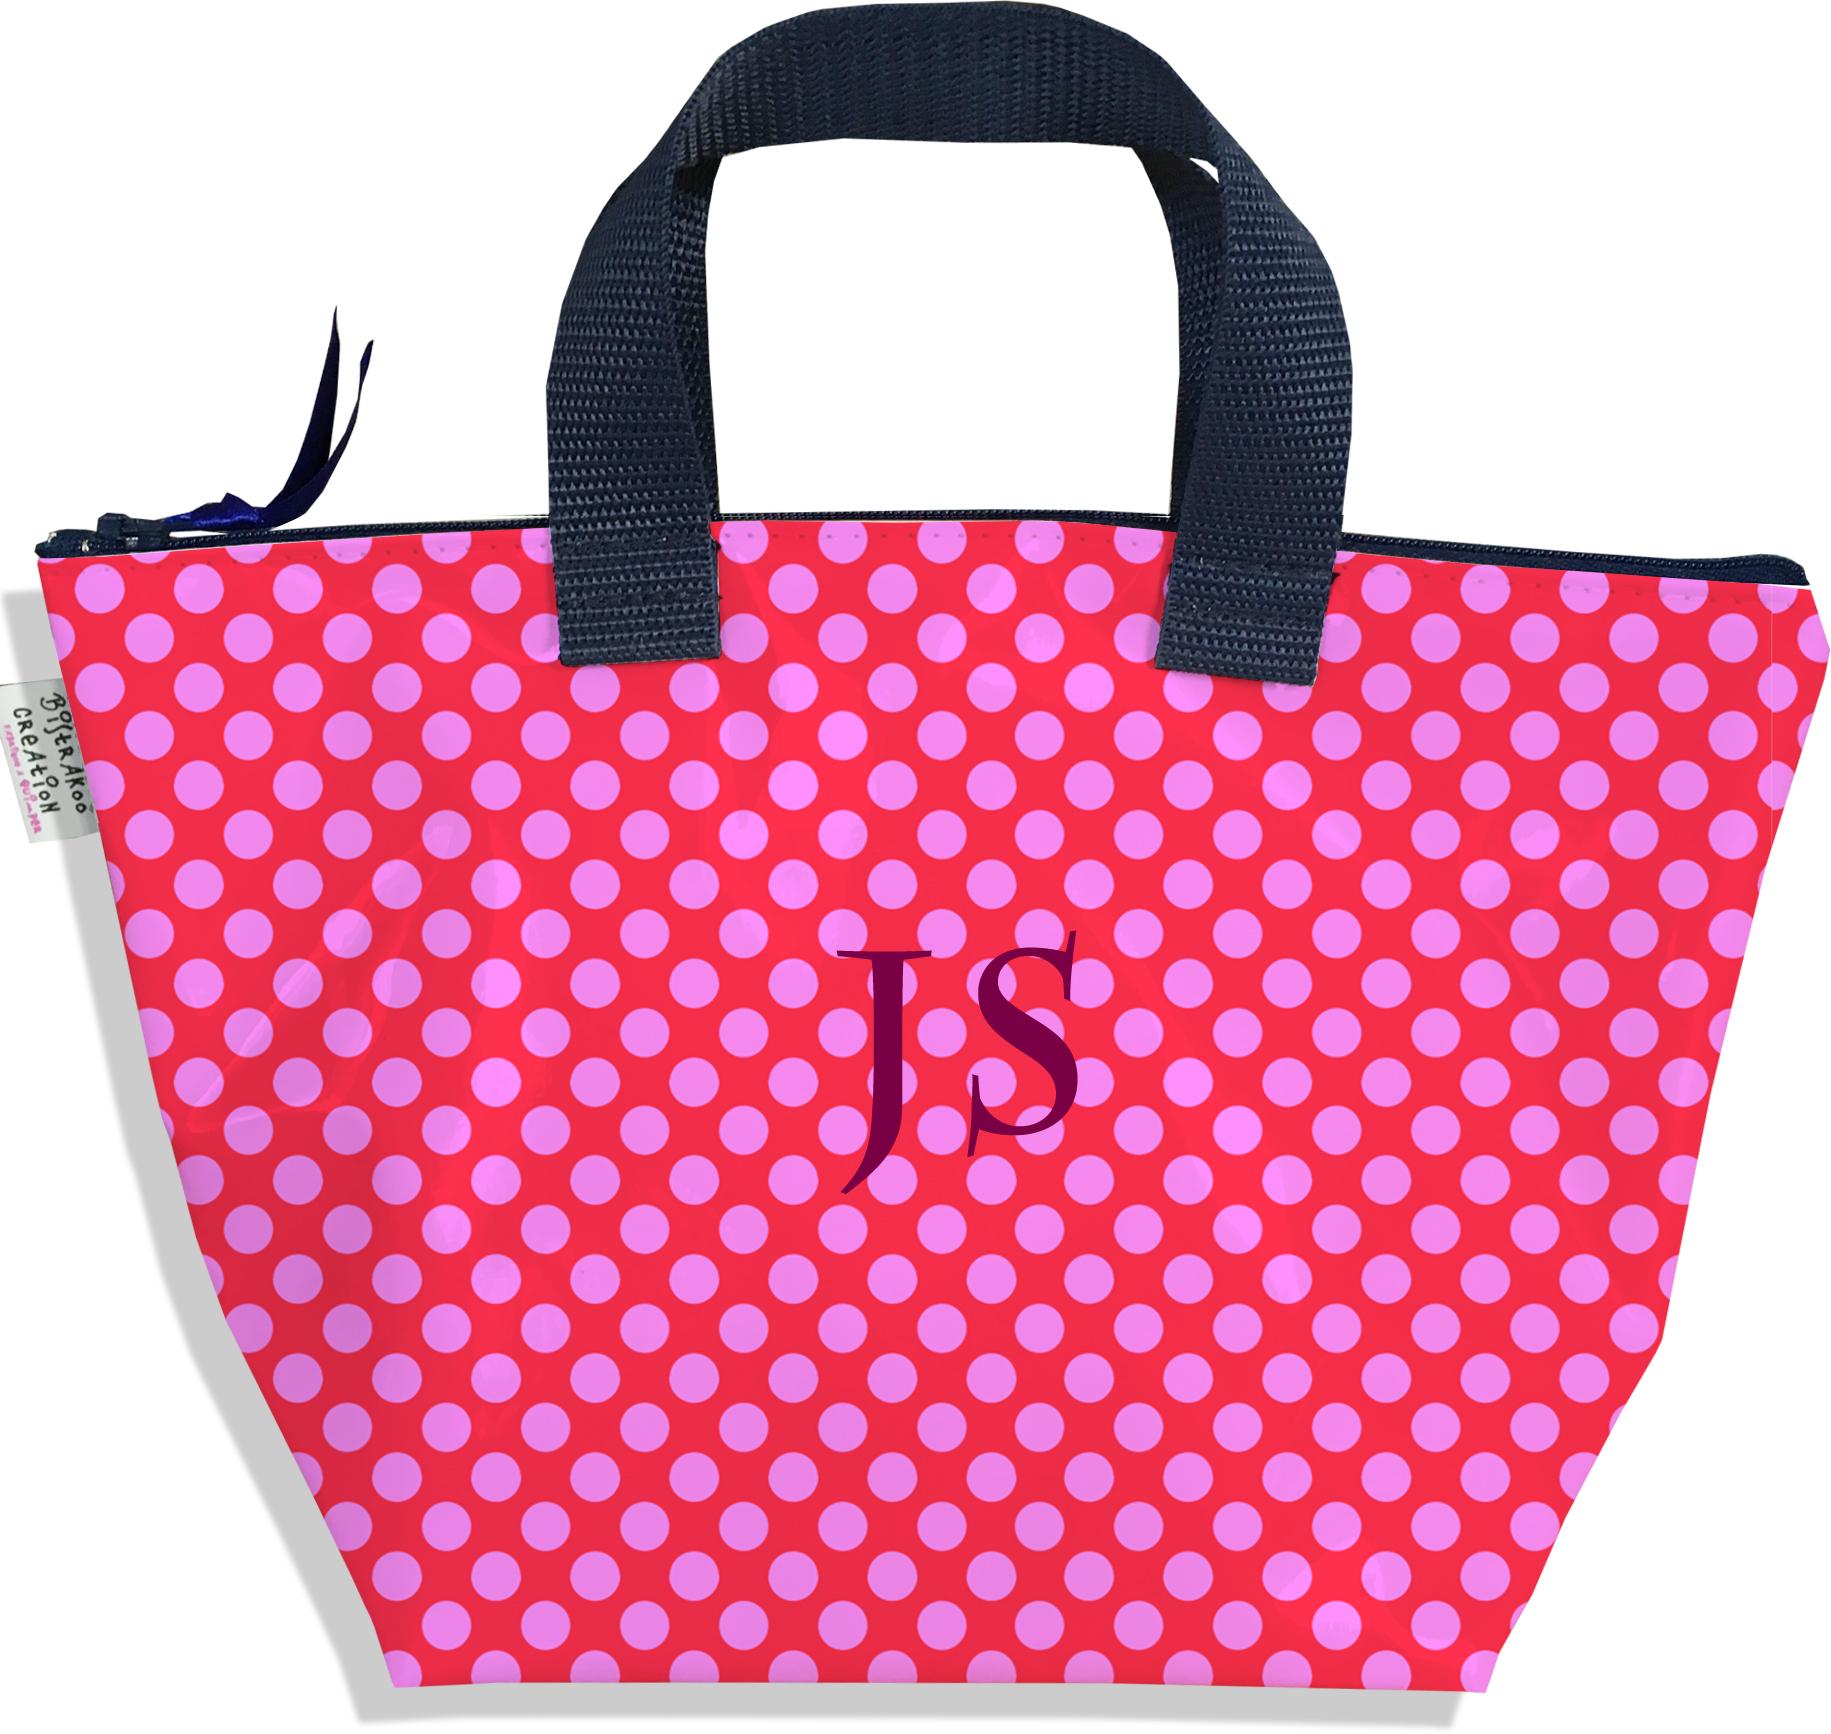 Sac à main zippé pour fille personnalisable motif Pois roses fond fushia P715